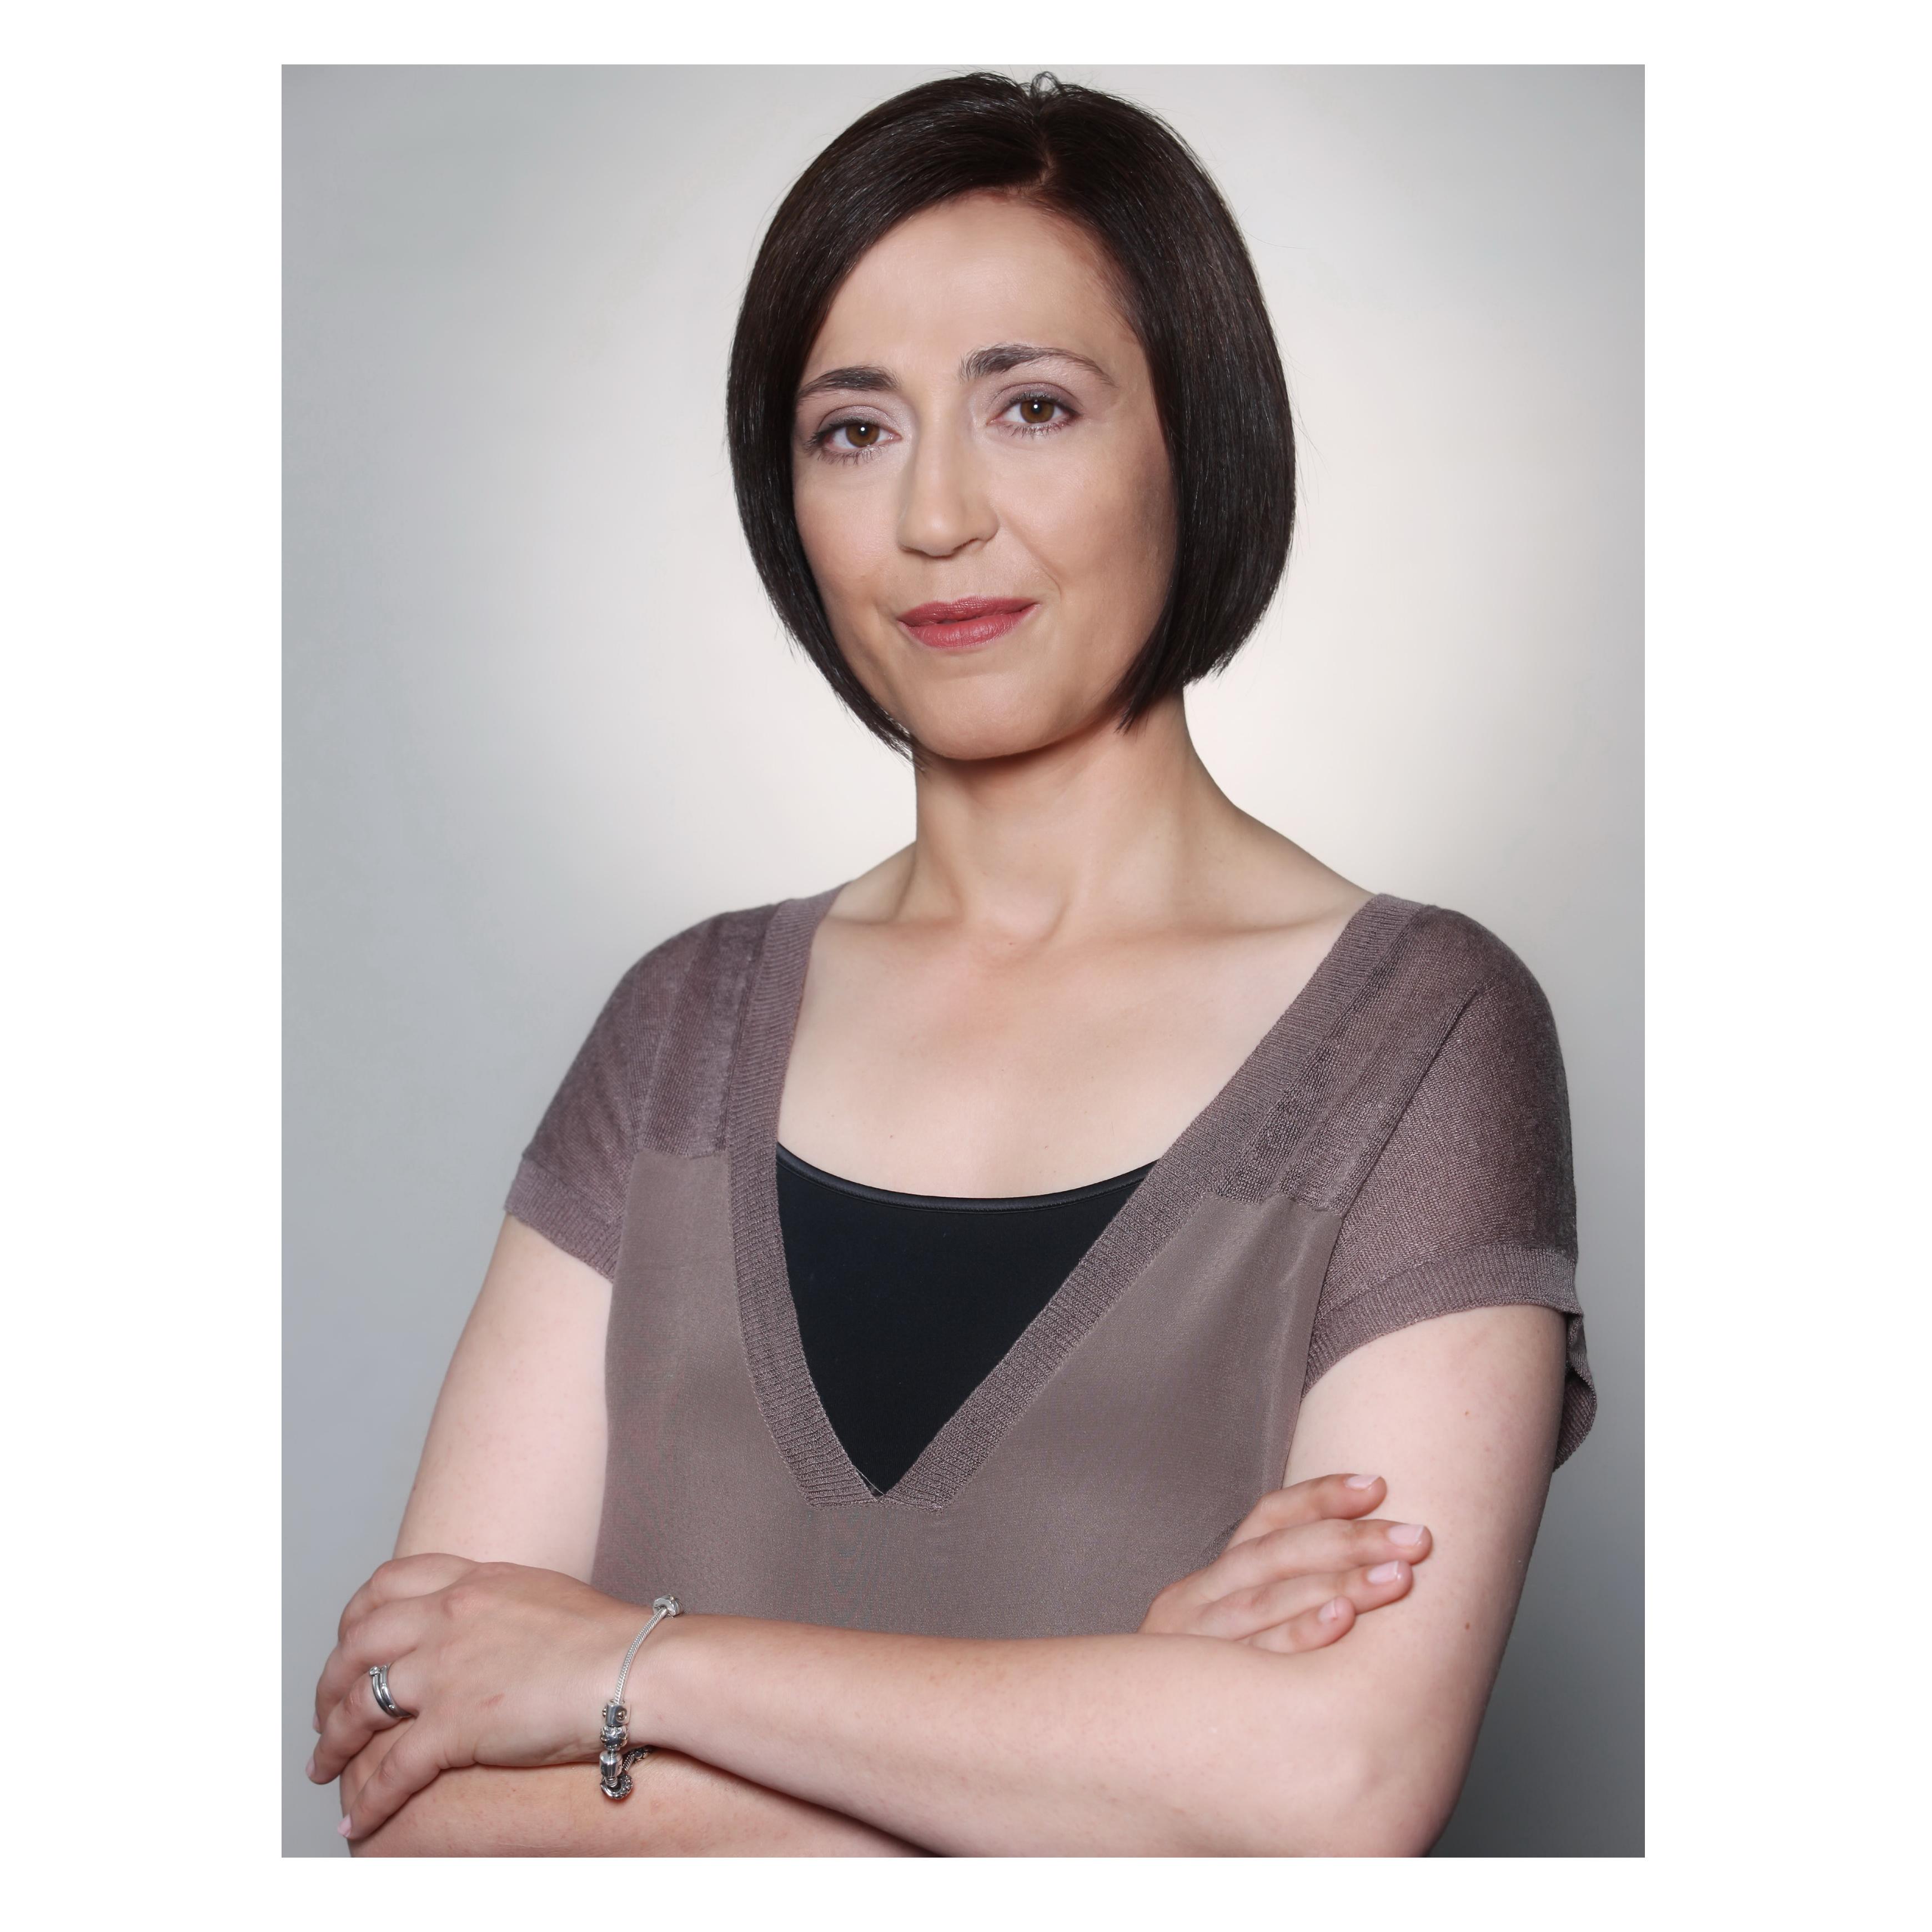 Интервью c Катей Ивановой - экспертом компании Unilever, специализирующейся на проблемах волос